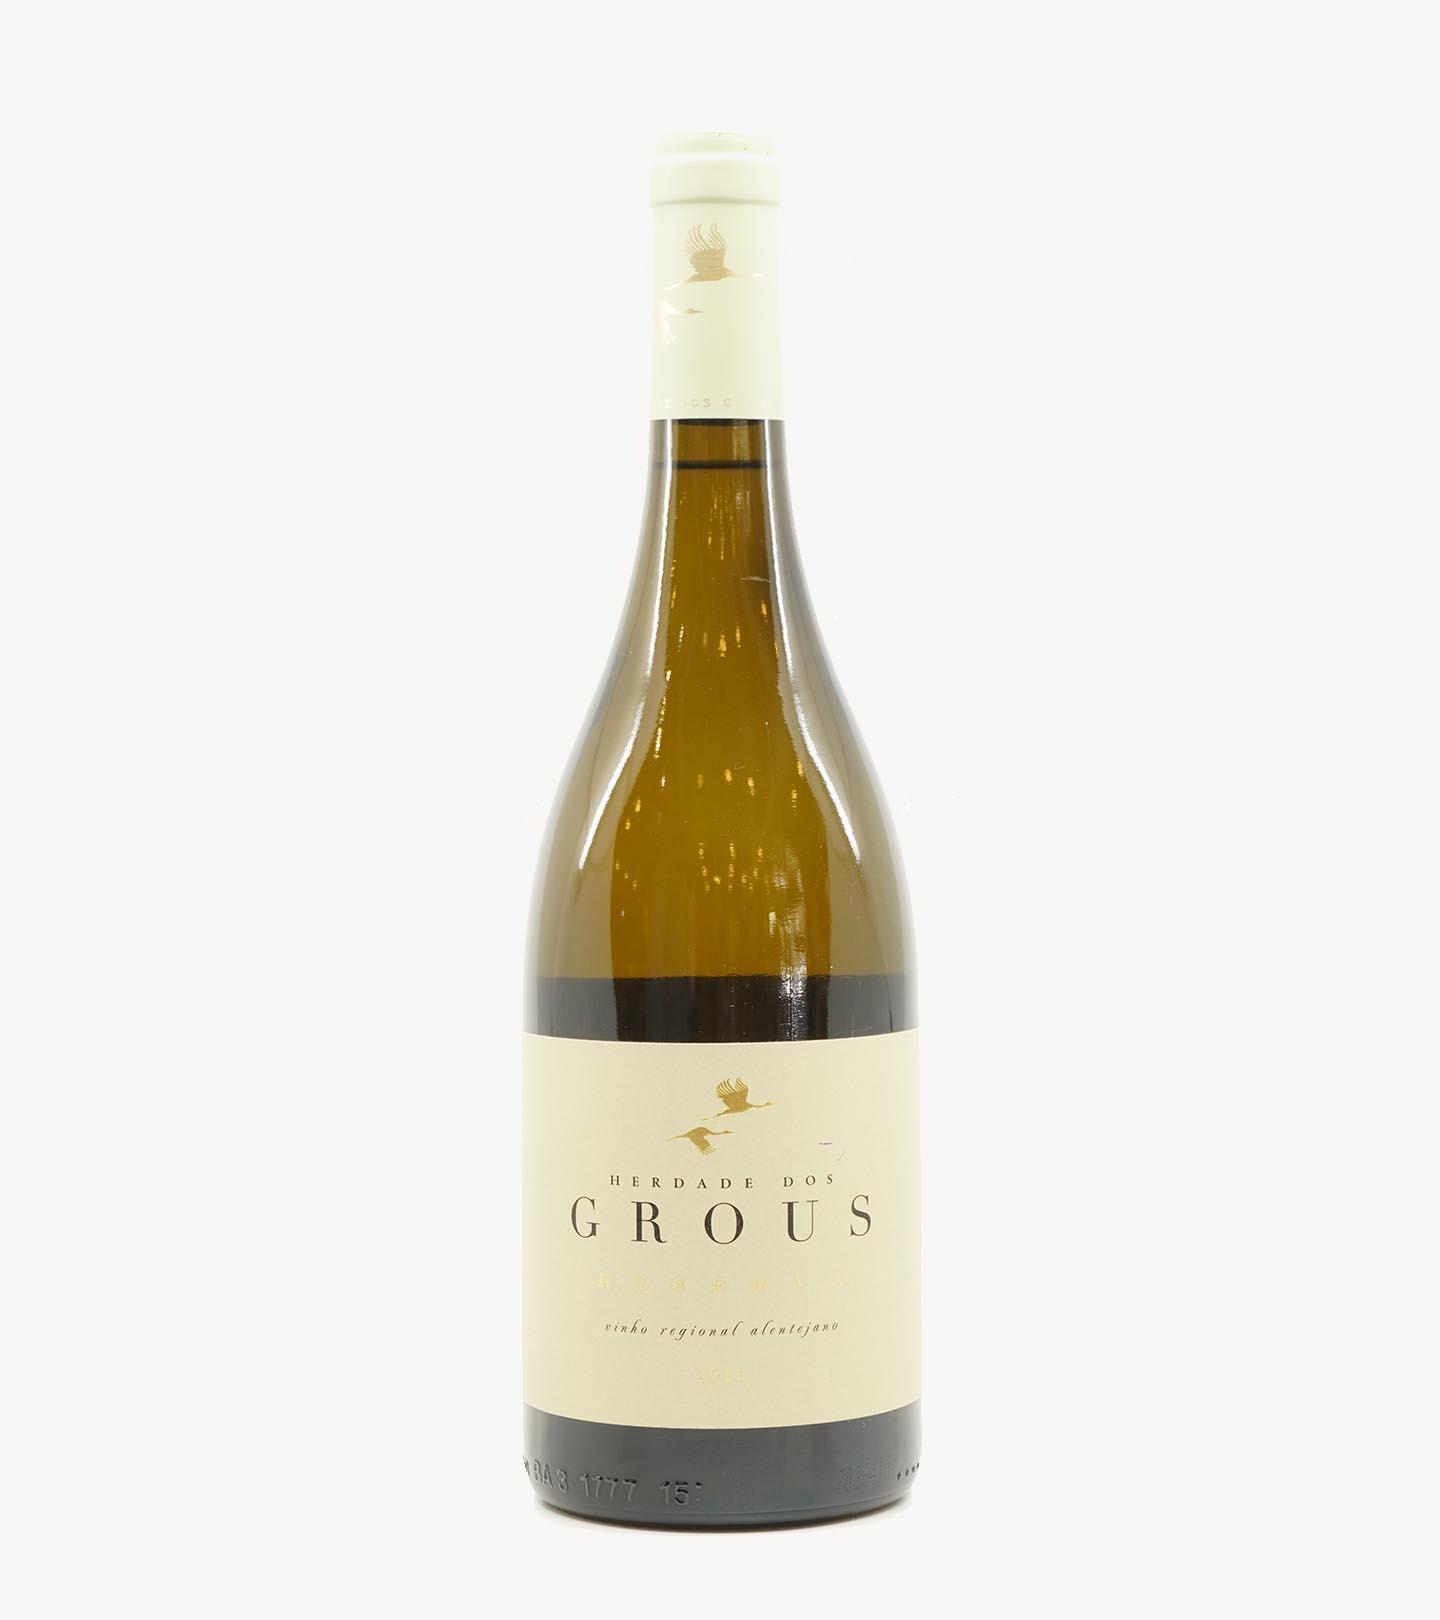 Vinho Branco Alentejano Herdade dos Grous Reserva 75cl